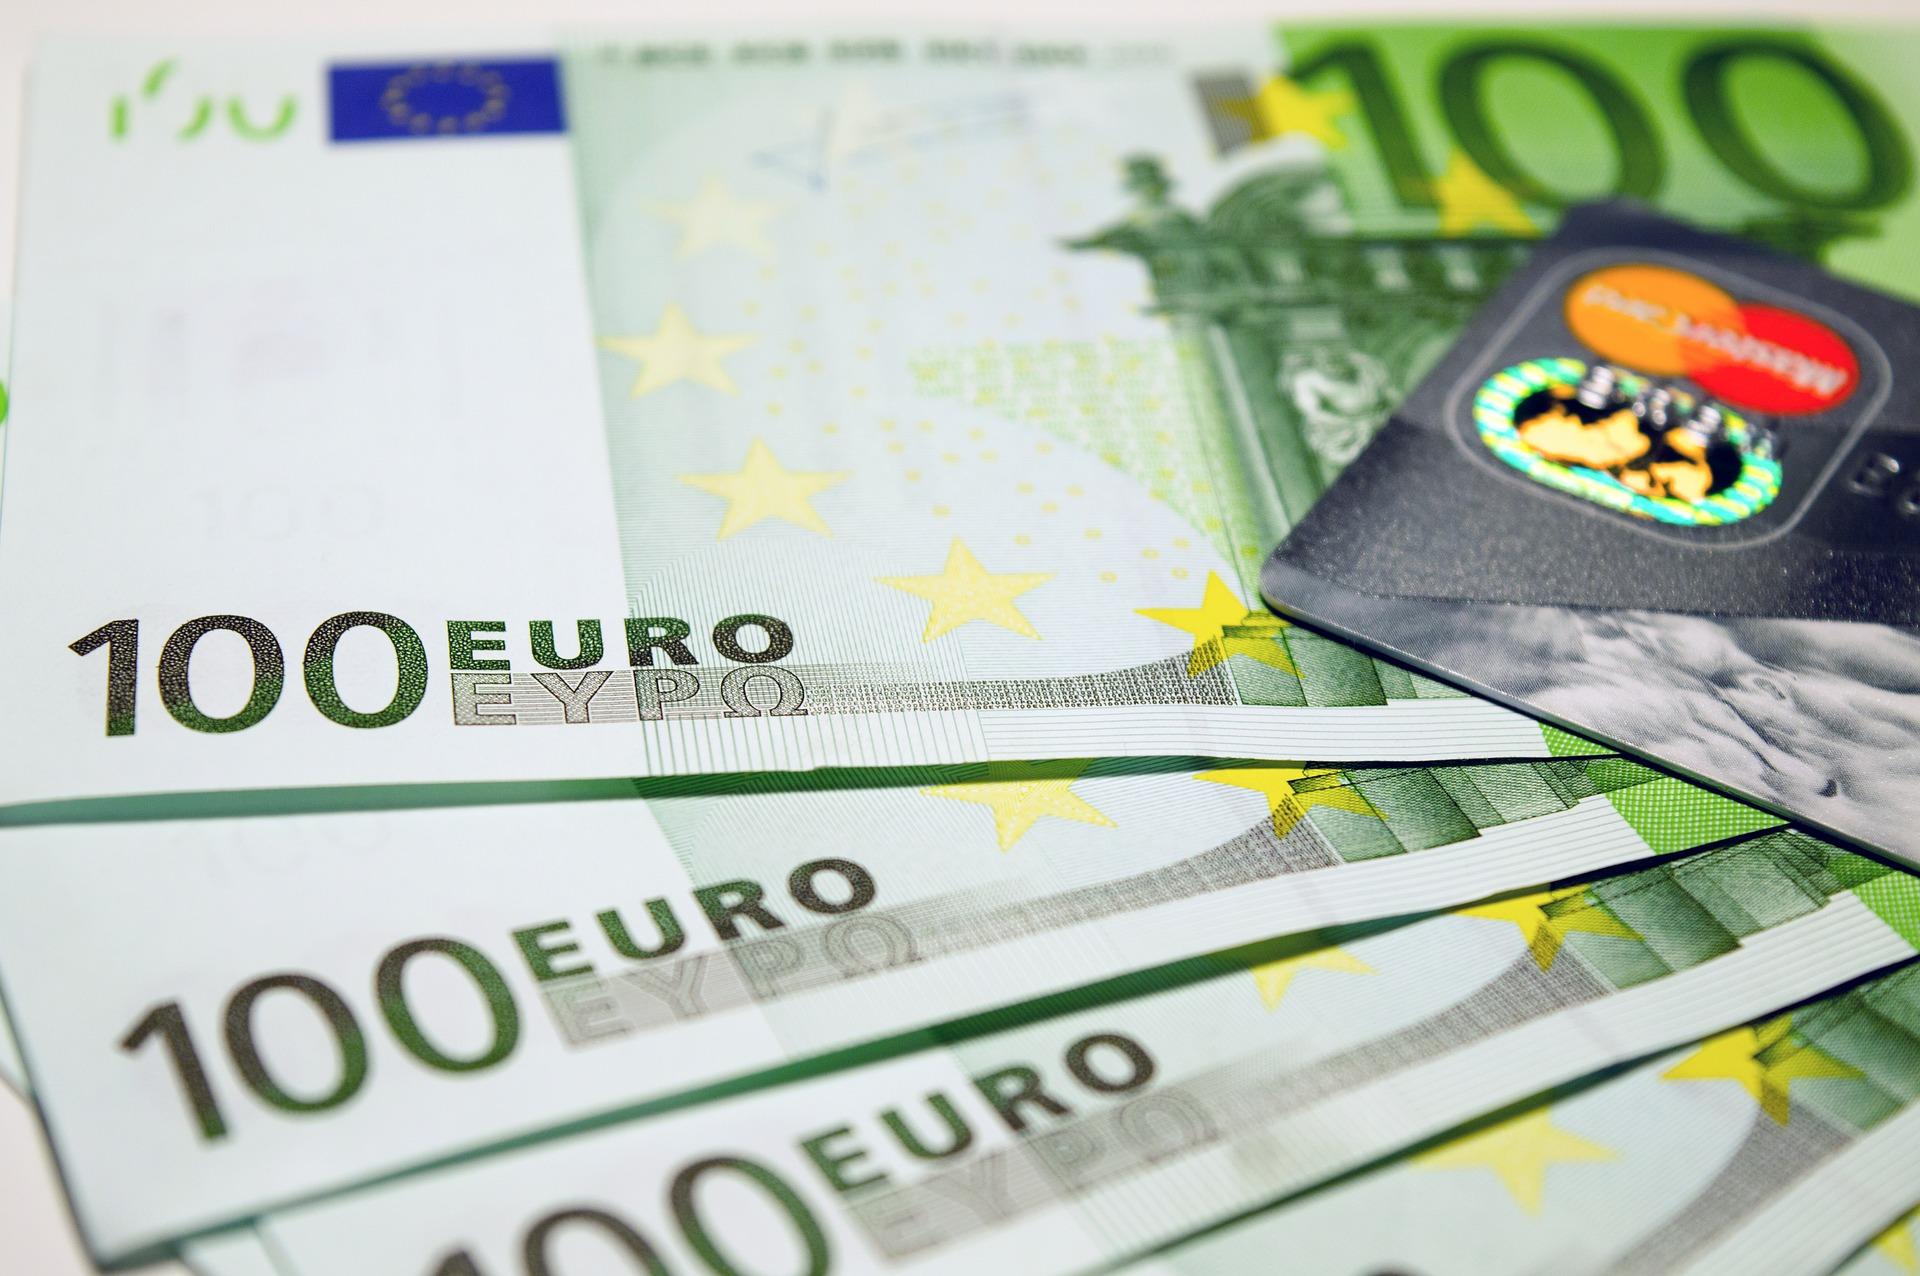 Az Európai Tanács elnöke reméli, hogy megállapodás születik a többéves költségvetésről és a helyreállítási alapról